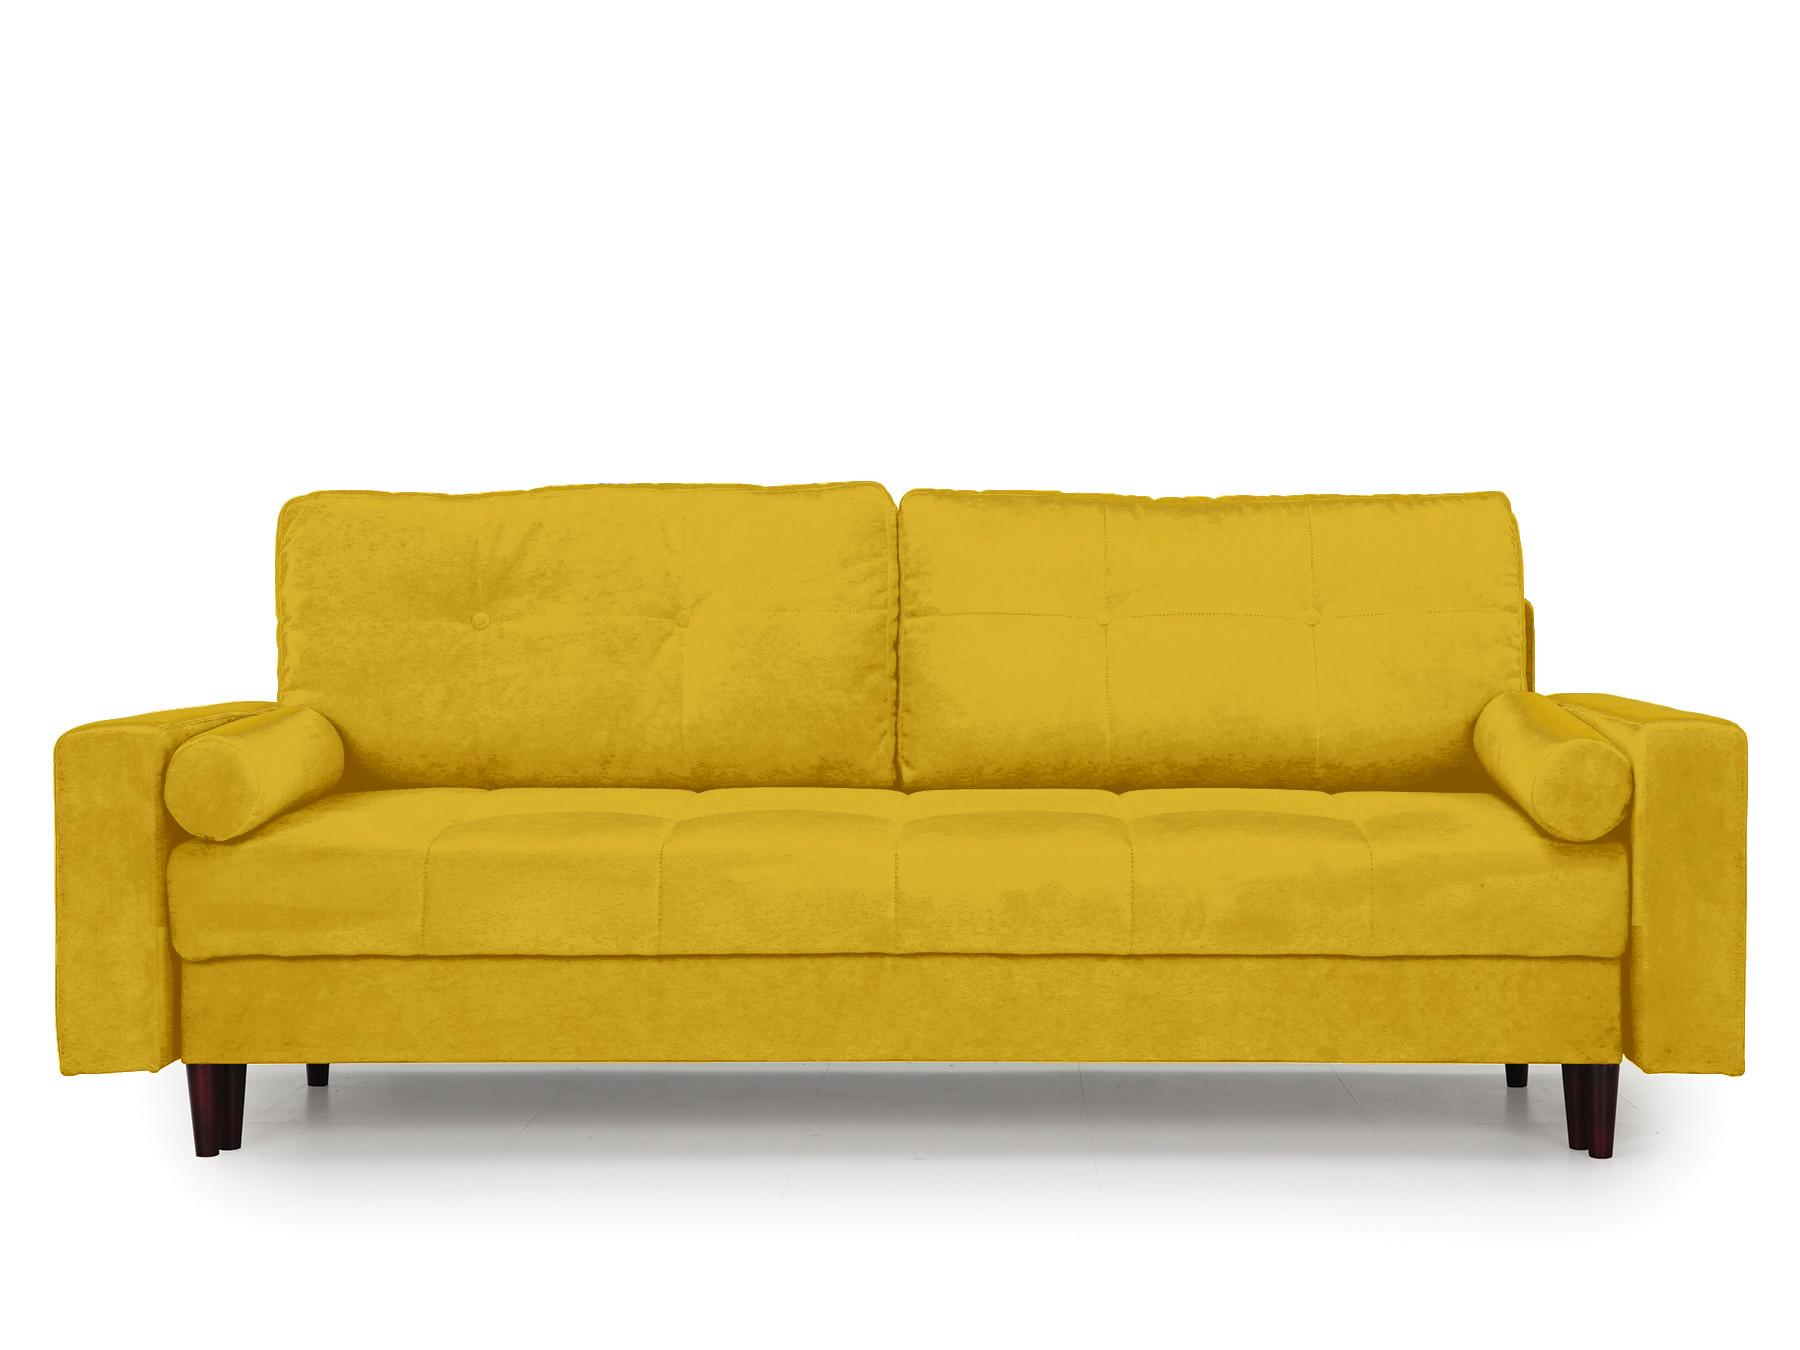 Диван-кровать Лоретт MebelVia , Желтый, Велюр, ДСП, ДВП, Брус Желтый